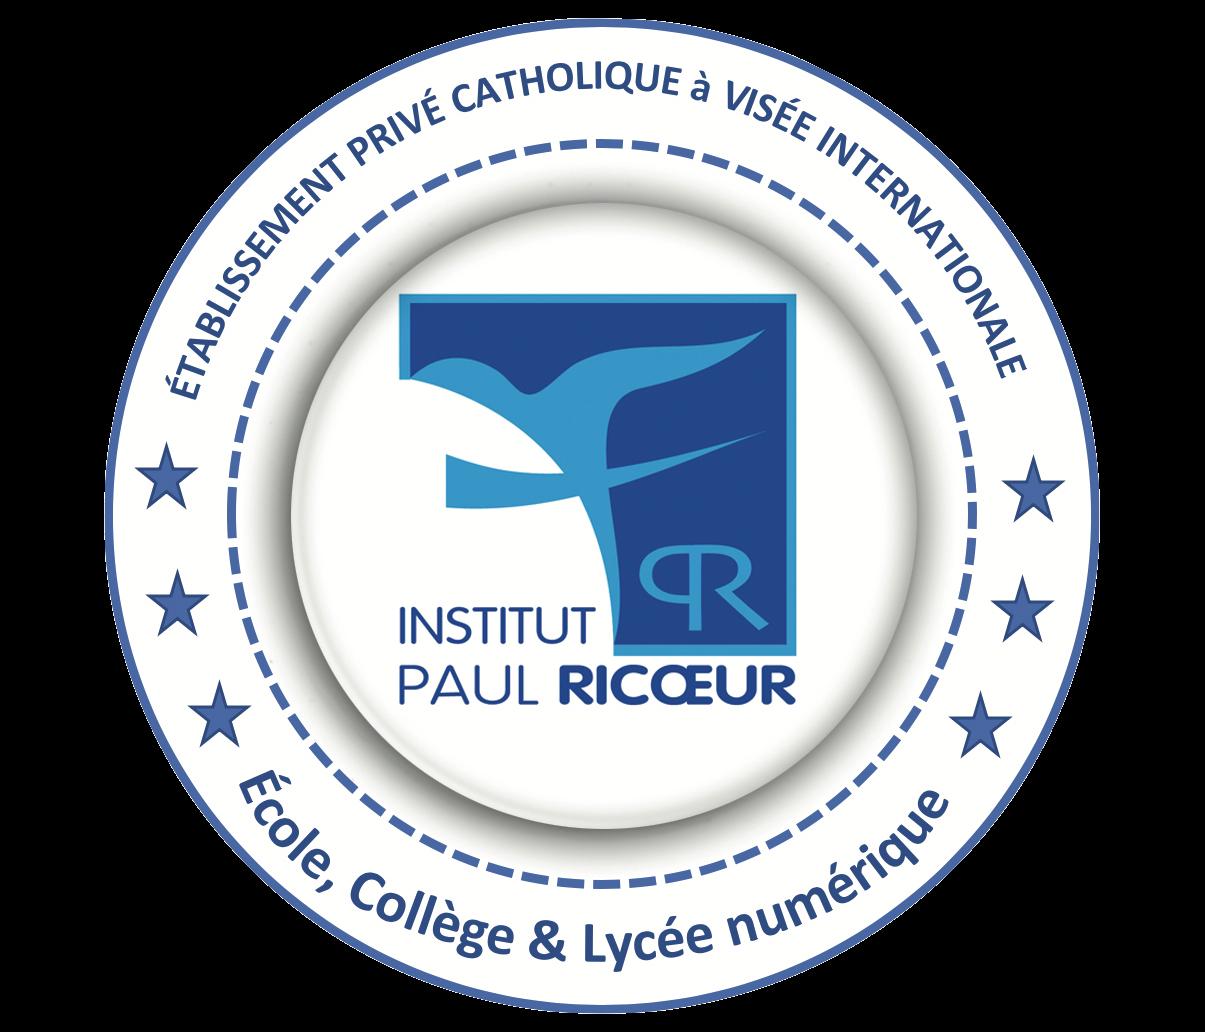 Institut Paul Ricoeur